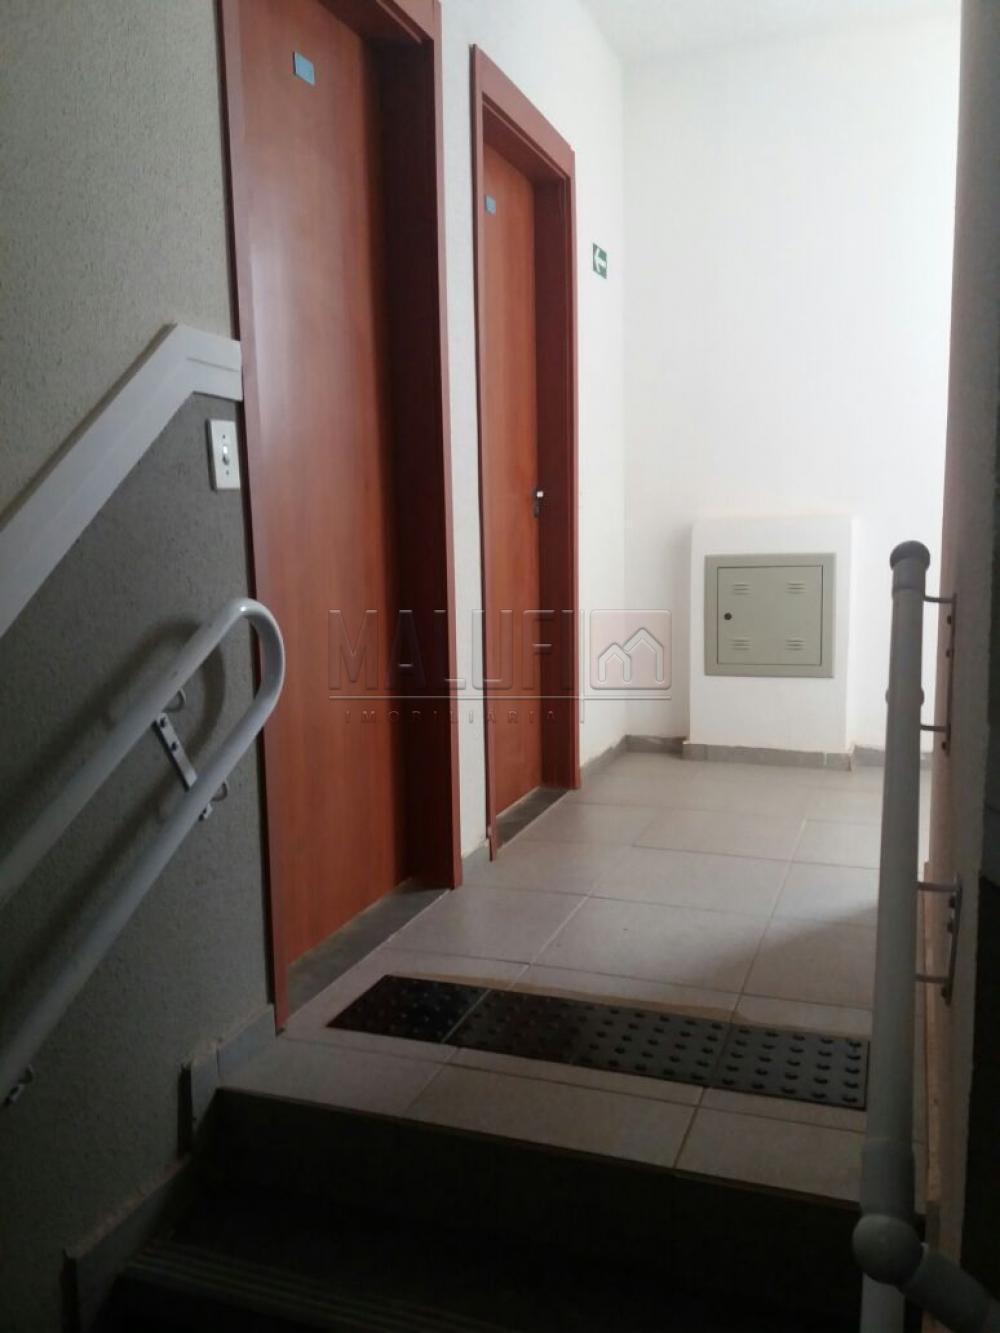 Alugar Apartamentos / Padrão em São José do Rio Preto apenas R$ 1.200,00 - Foto 4